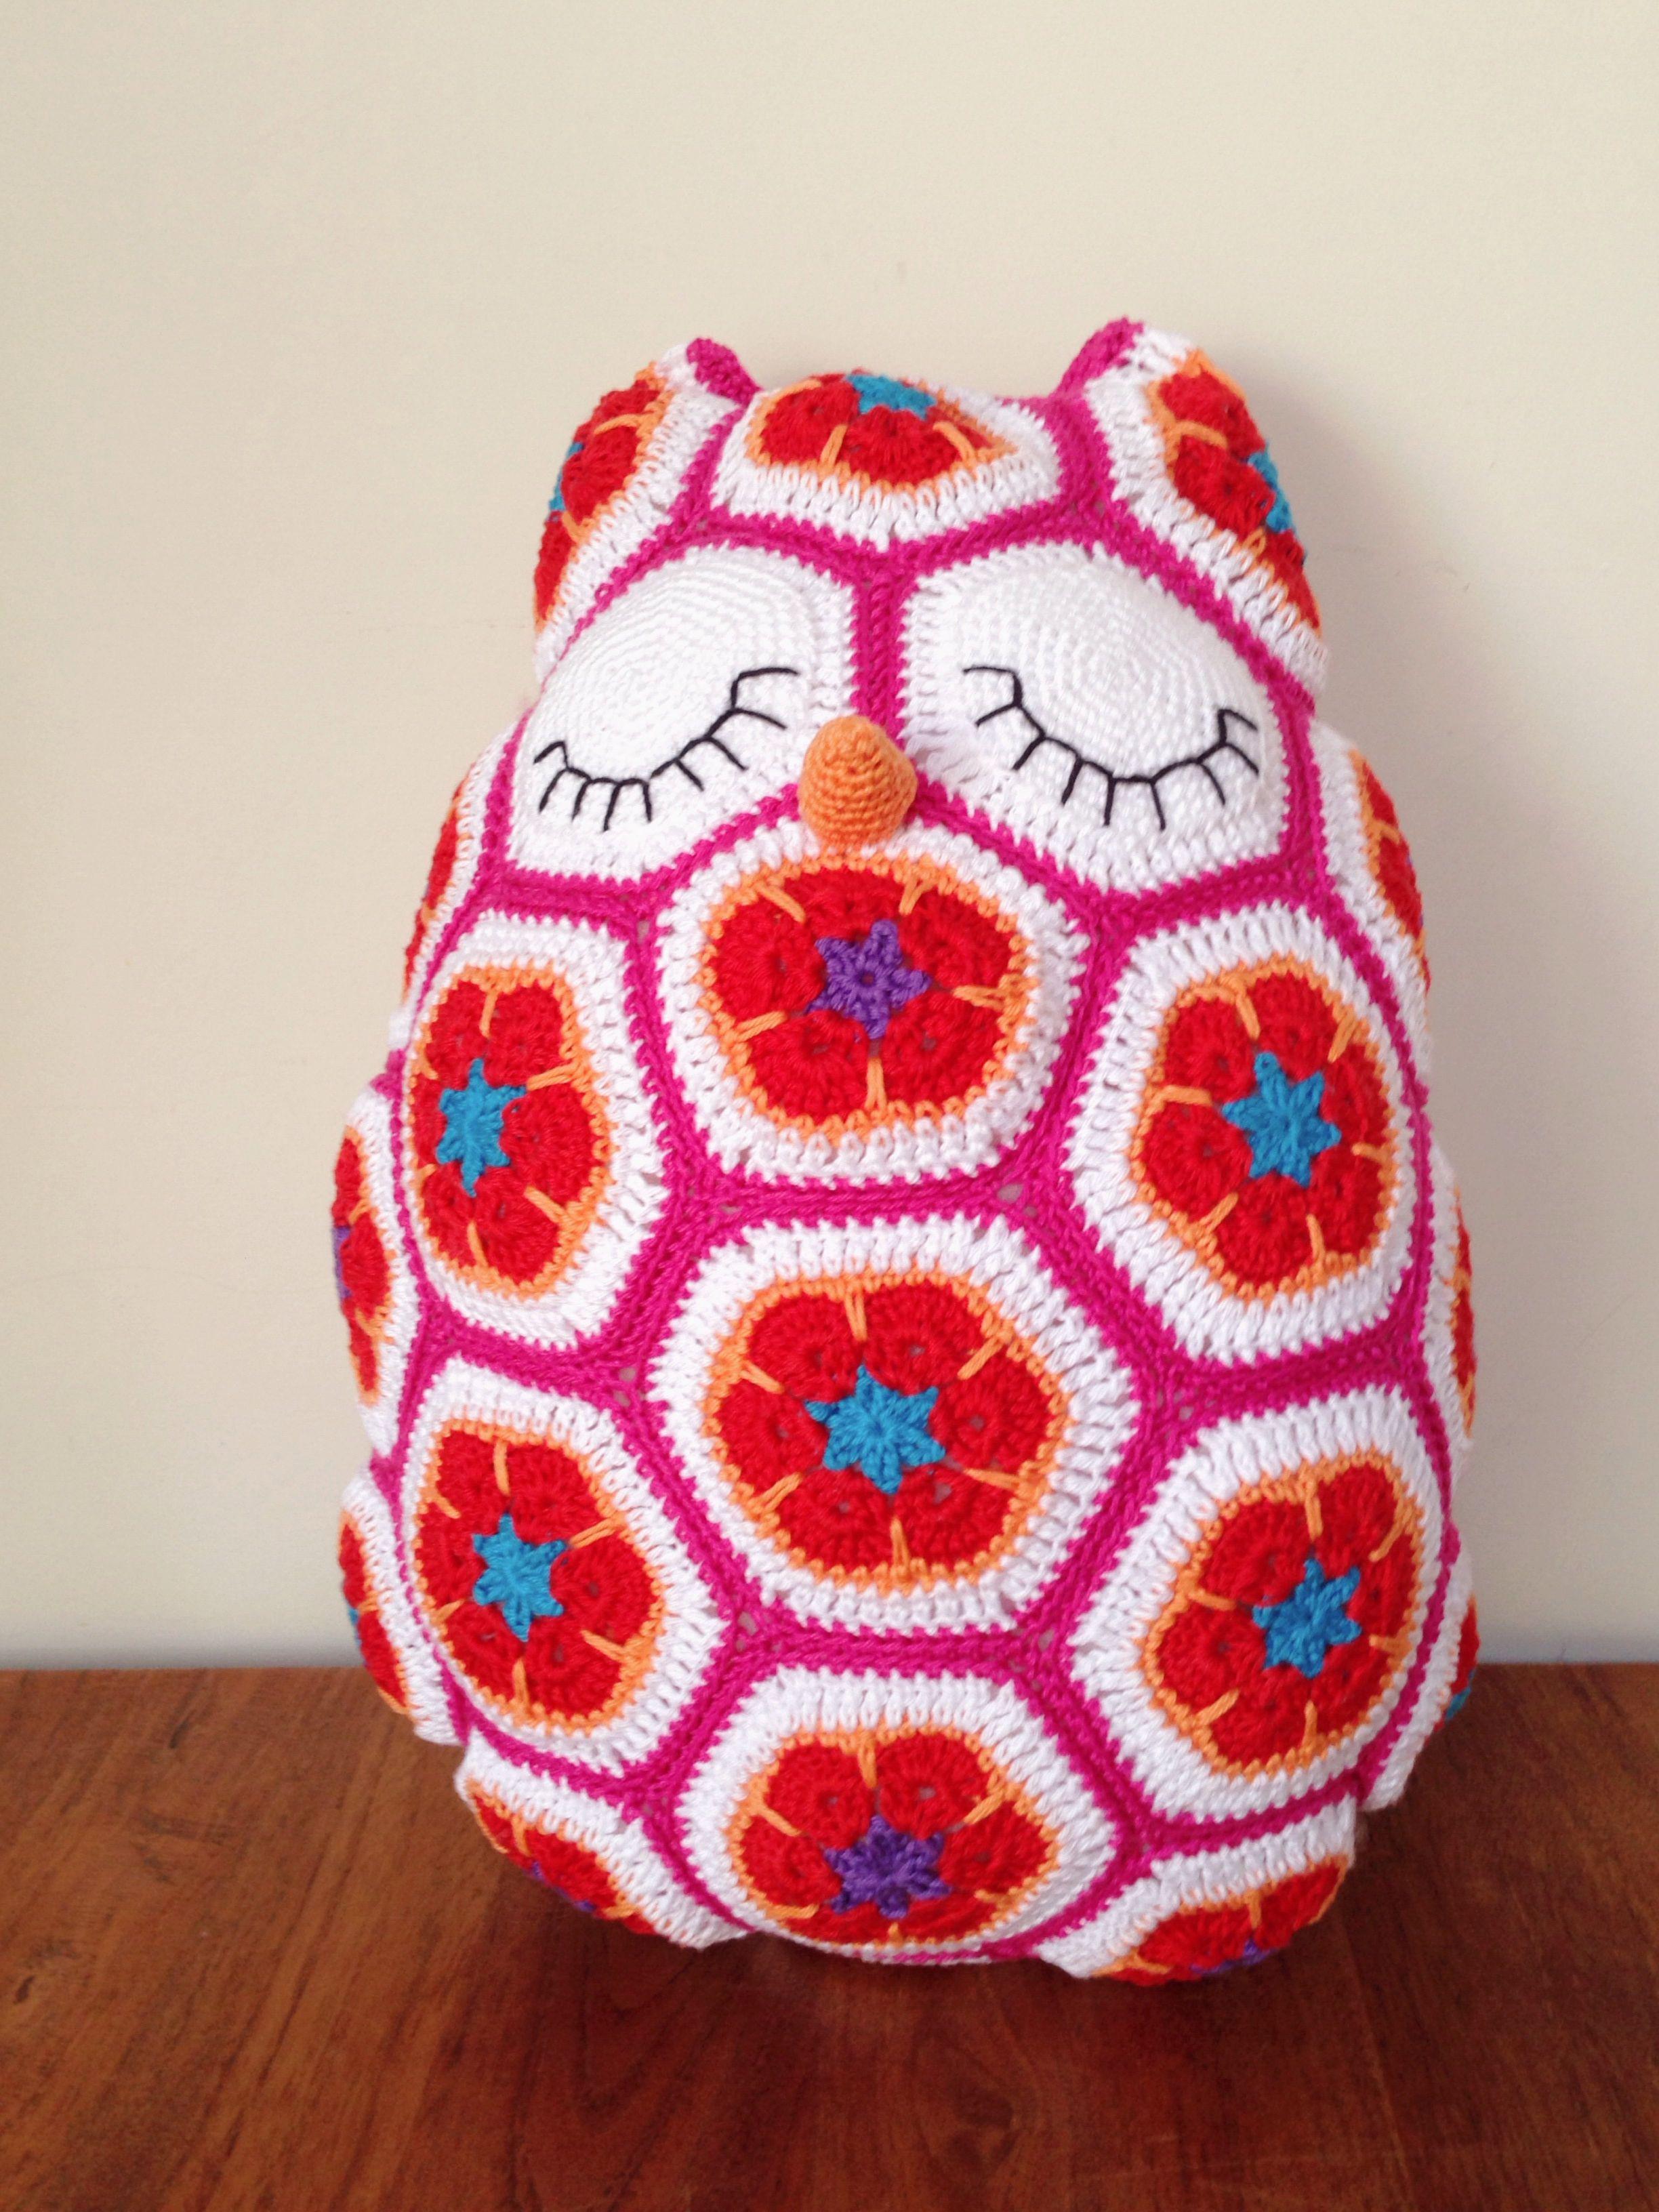 Maggie the owl (crochet - African flower) | Maggie de uil (gehaakt ...